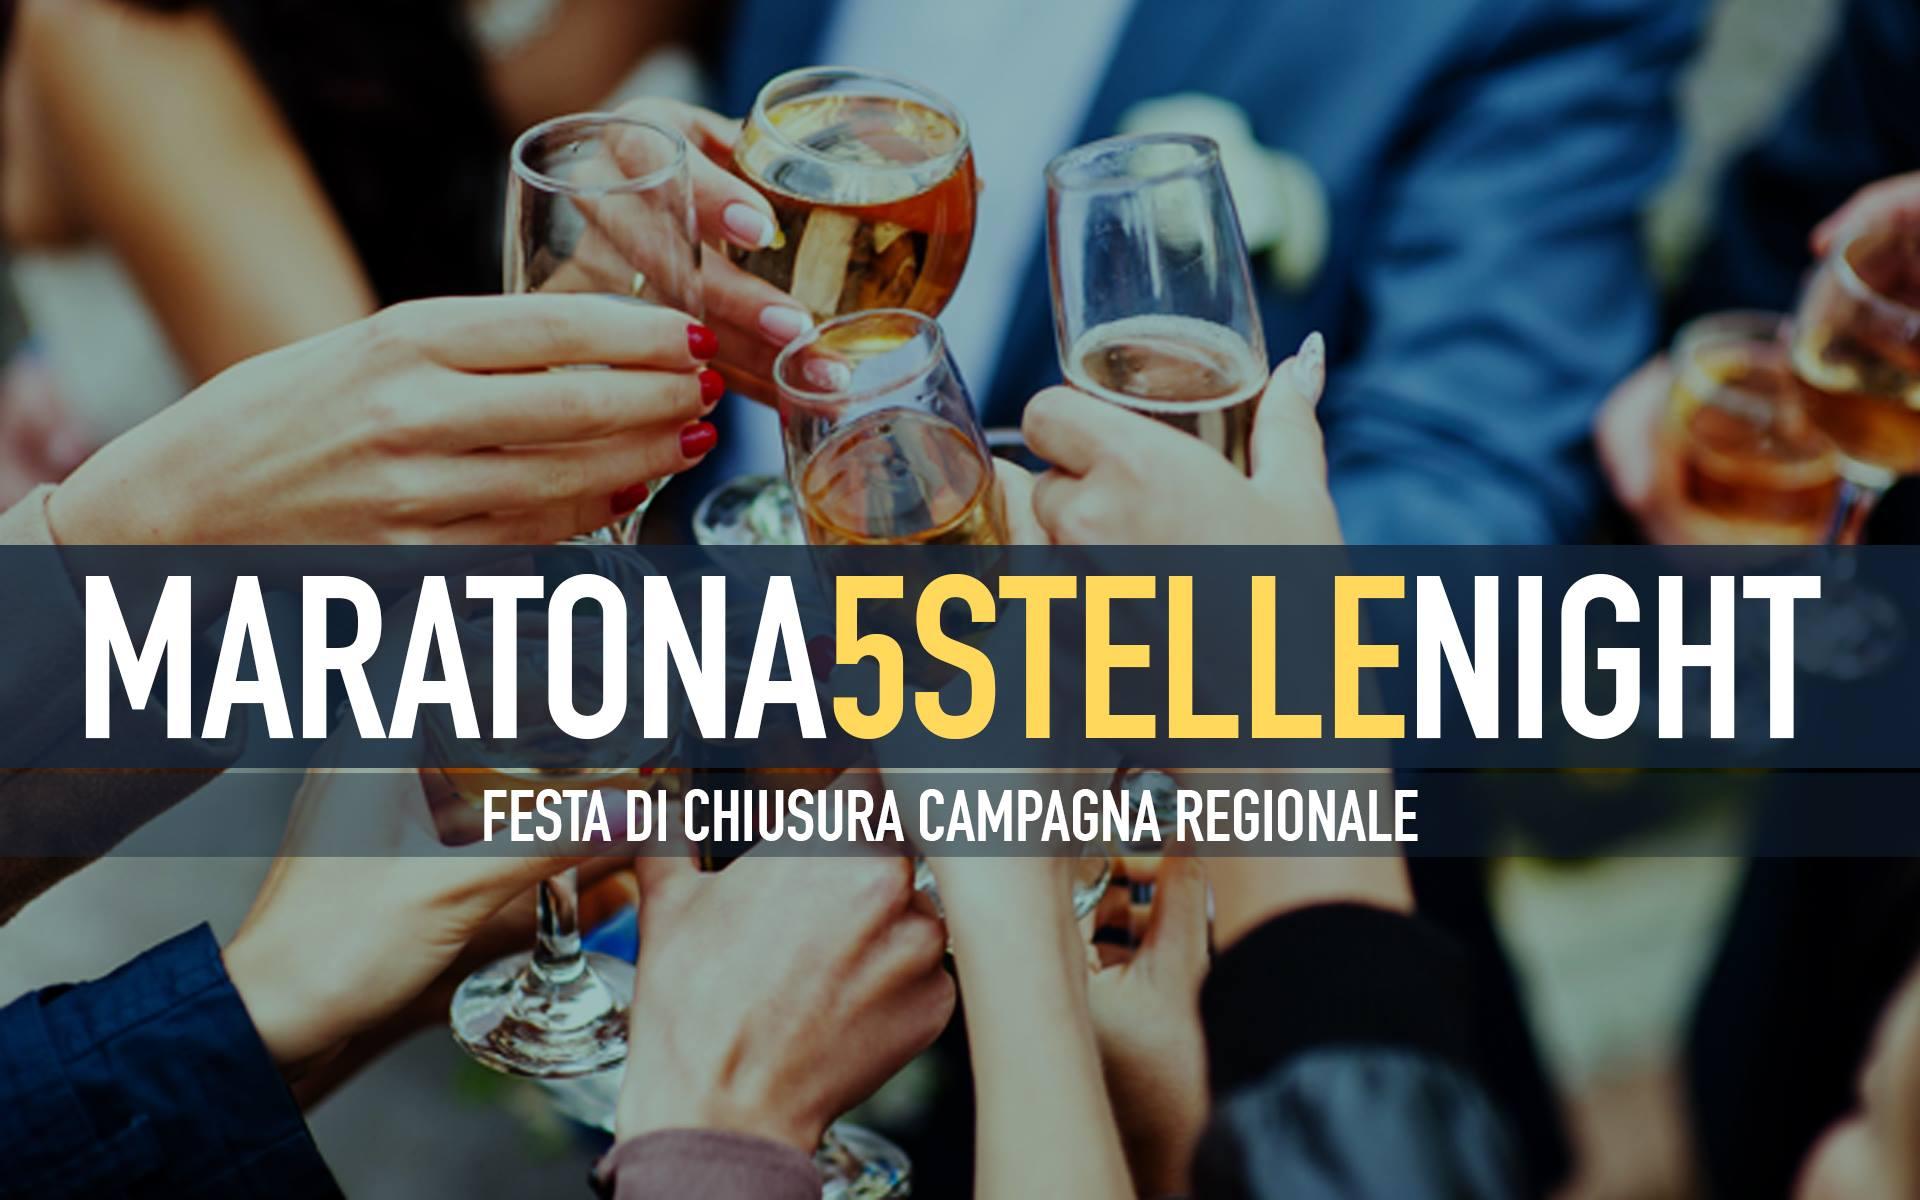 Evento di chiusura della campagna elettorale: Maratona5Stelle Night!!